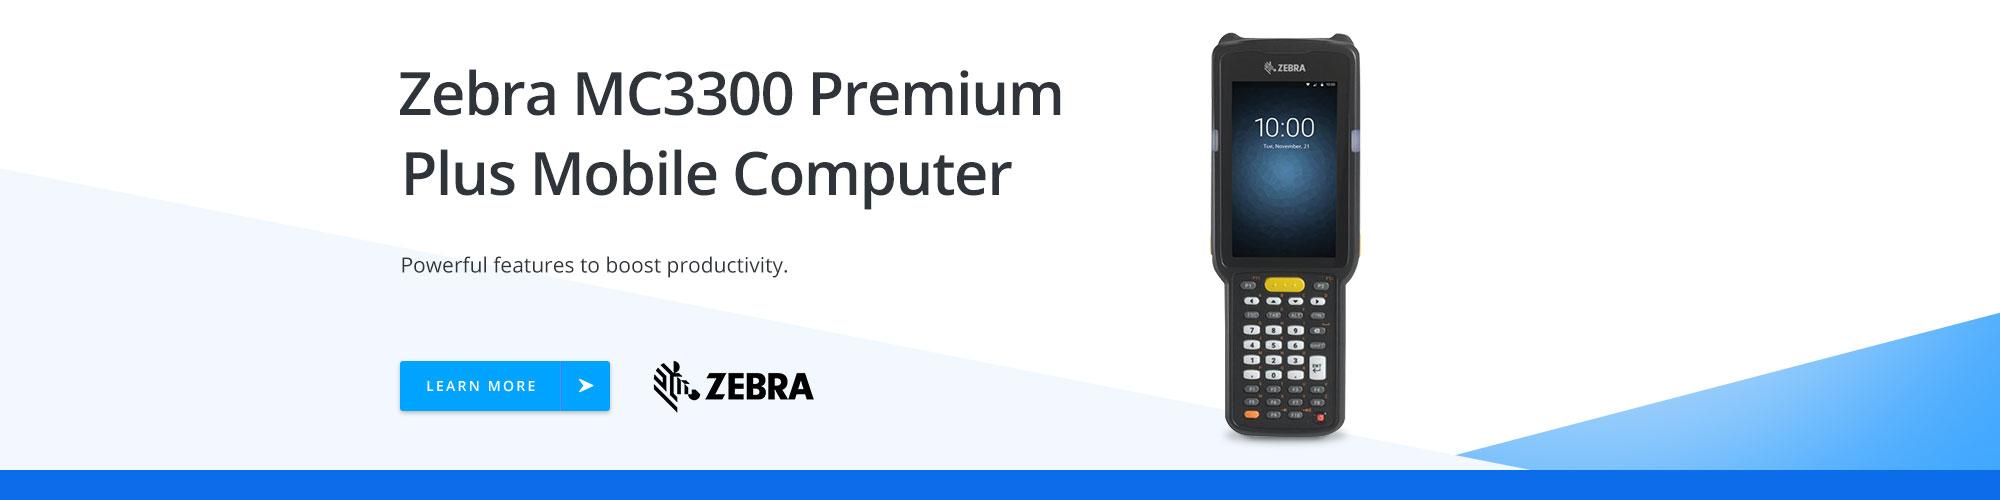 Zebra MC3300 Premium Plus Mobile Computer